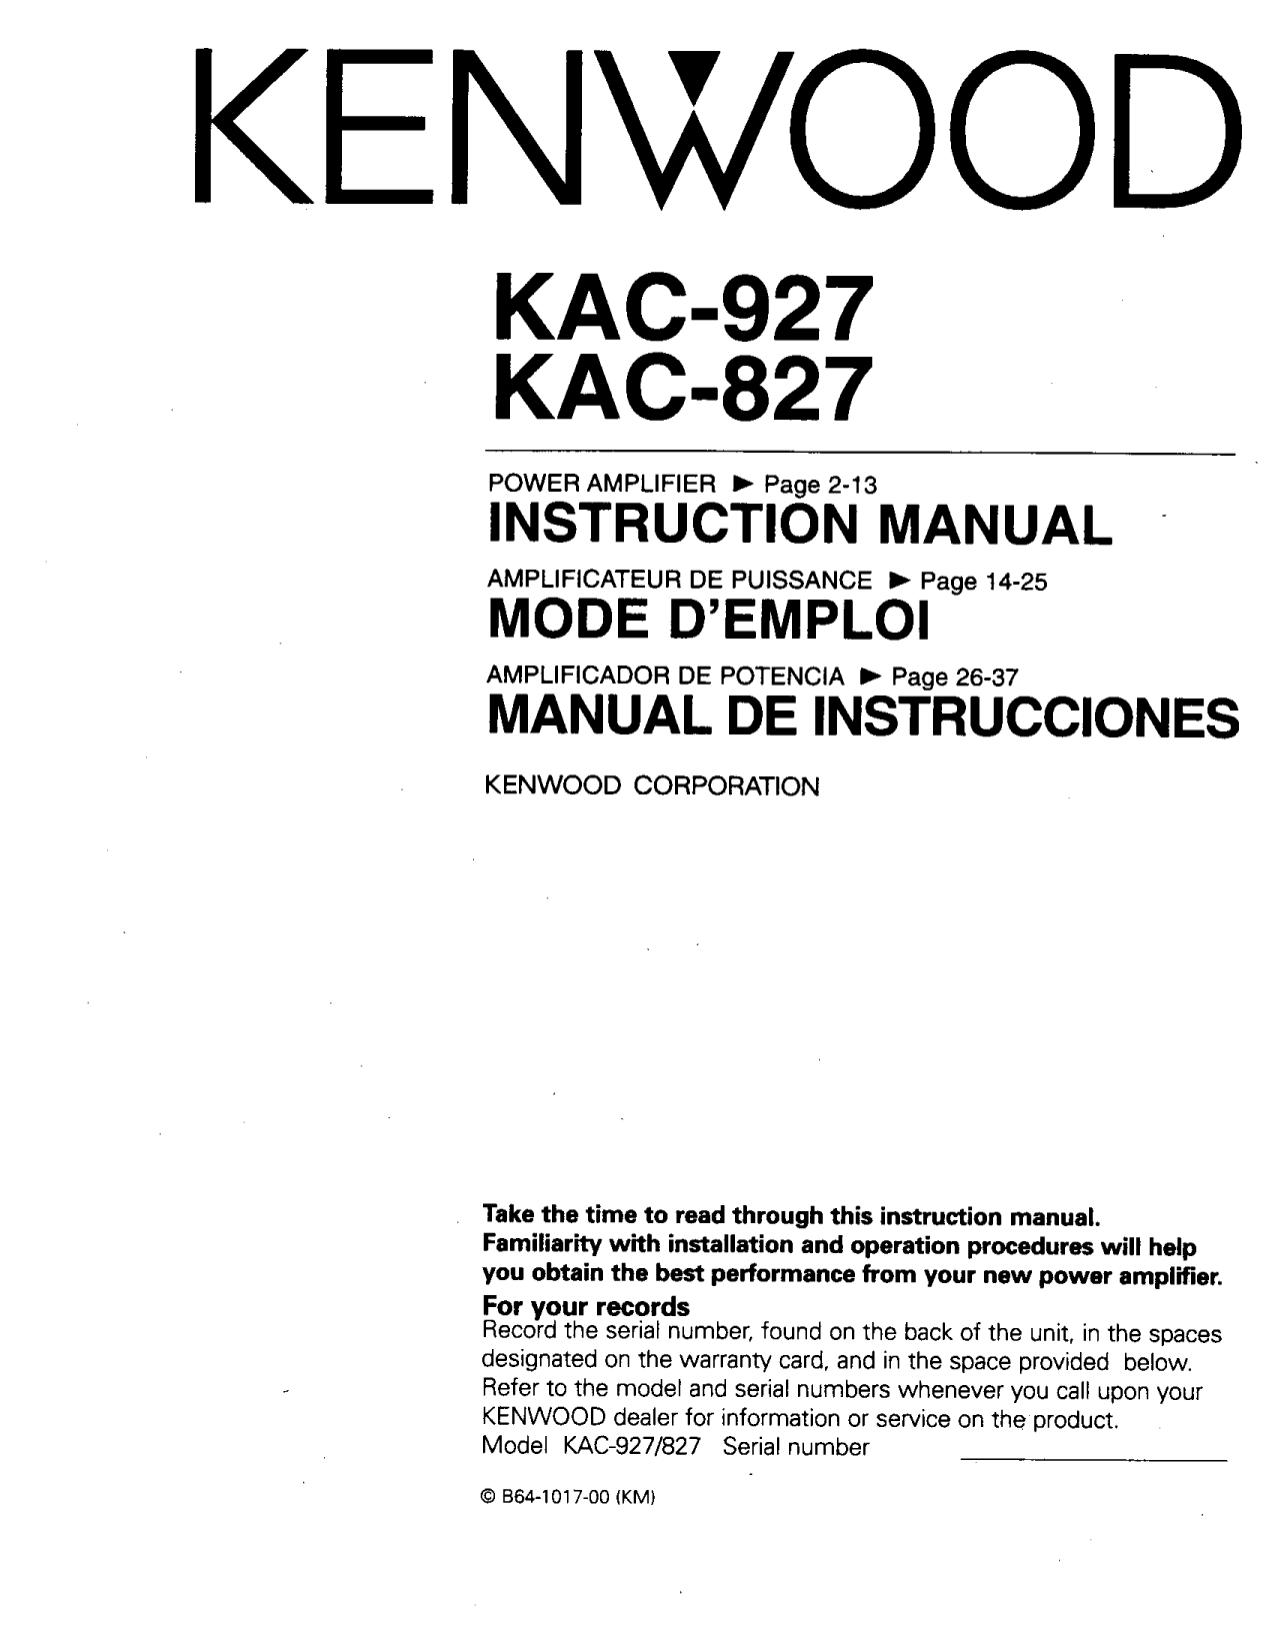 kenwood amp kac 7205 manual